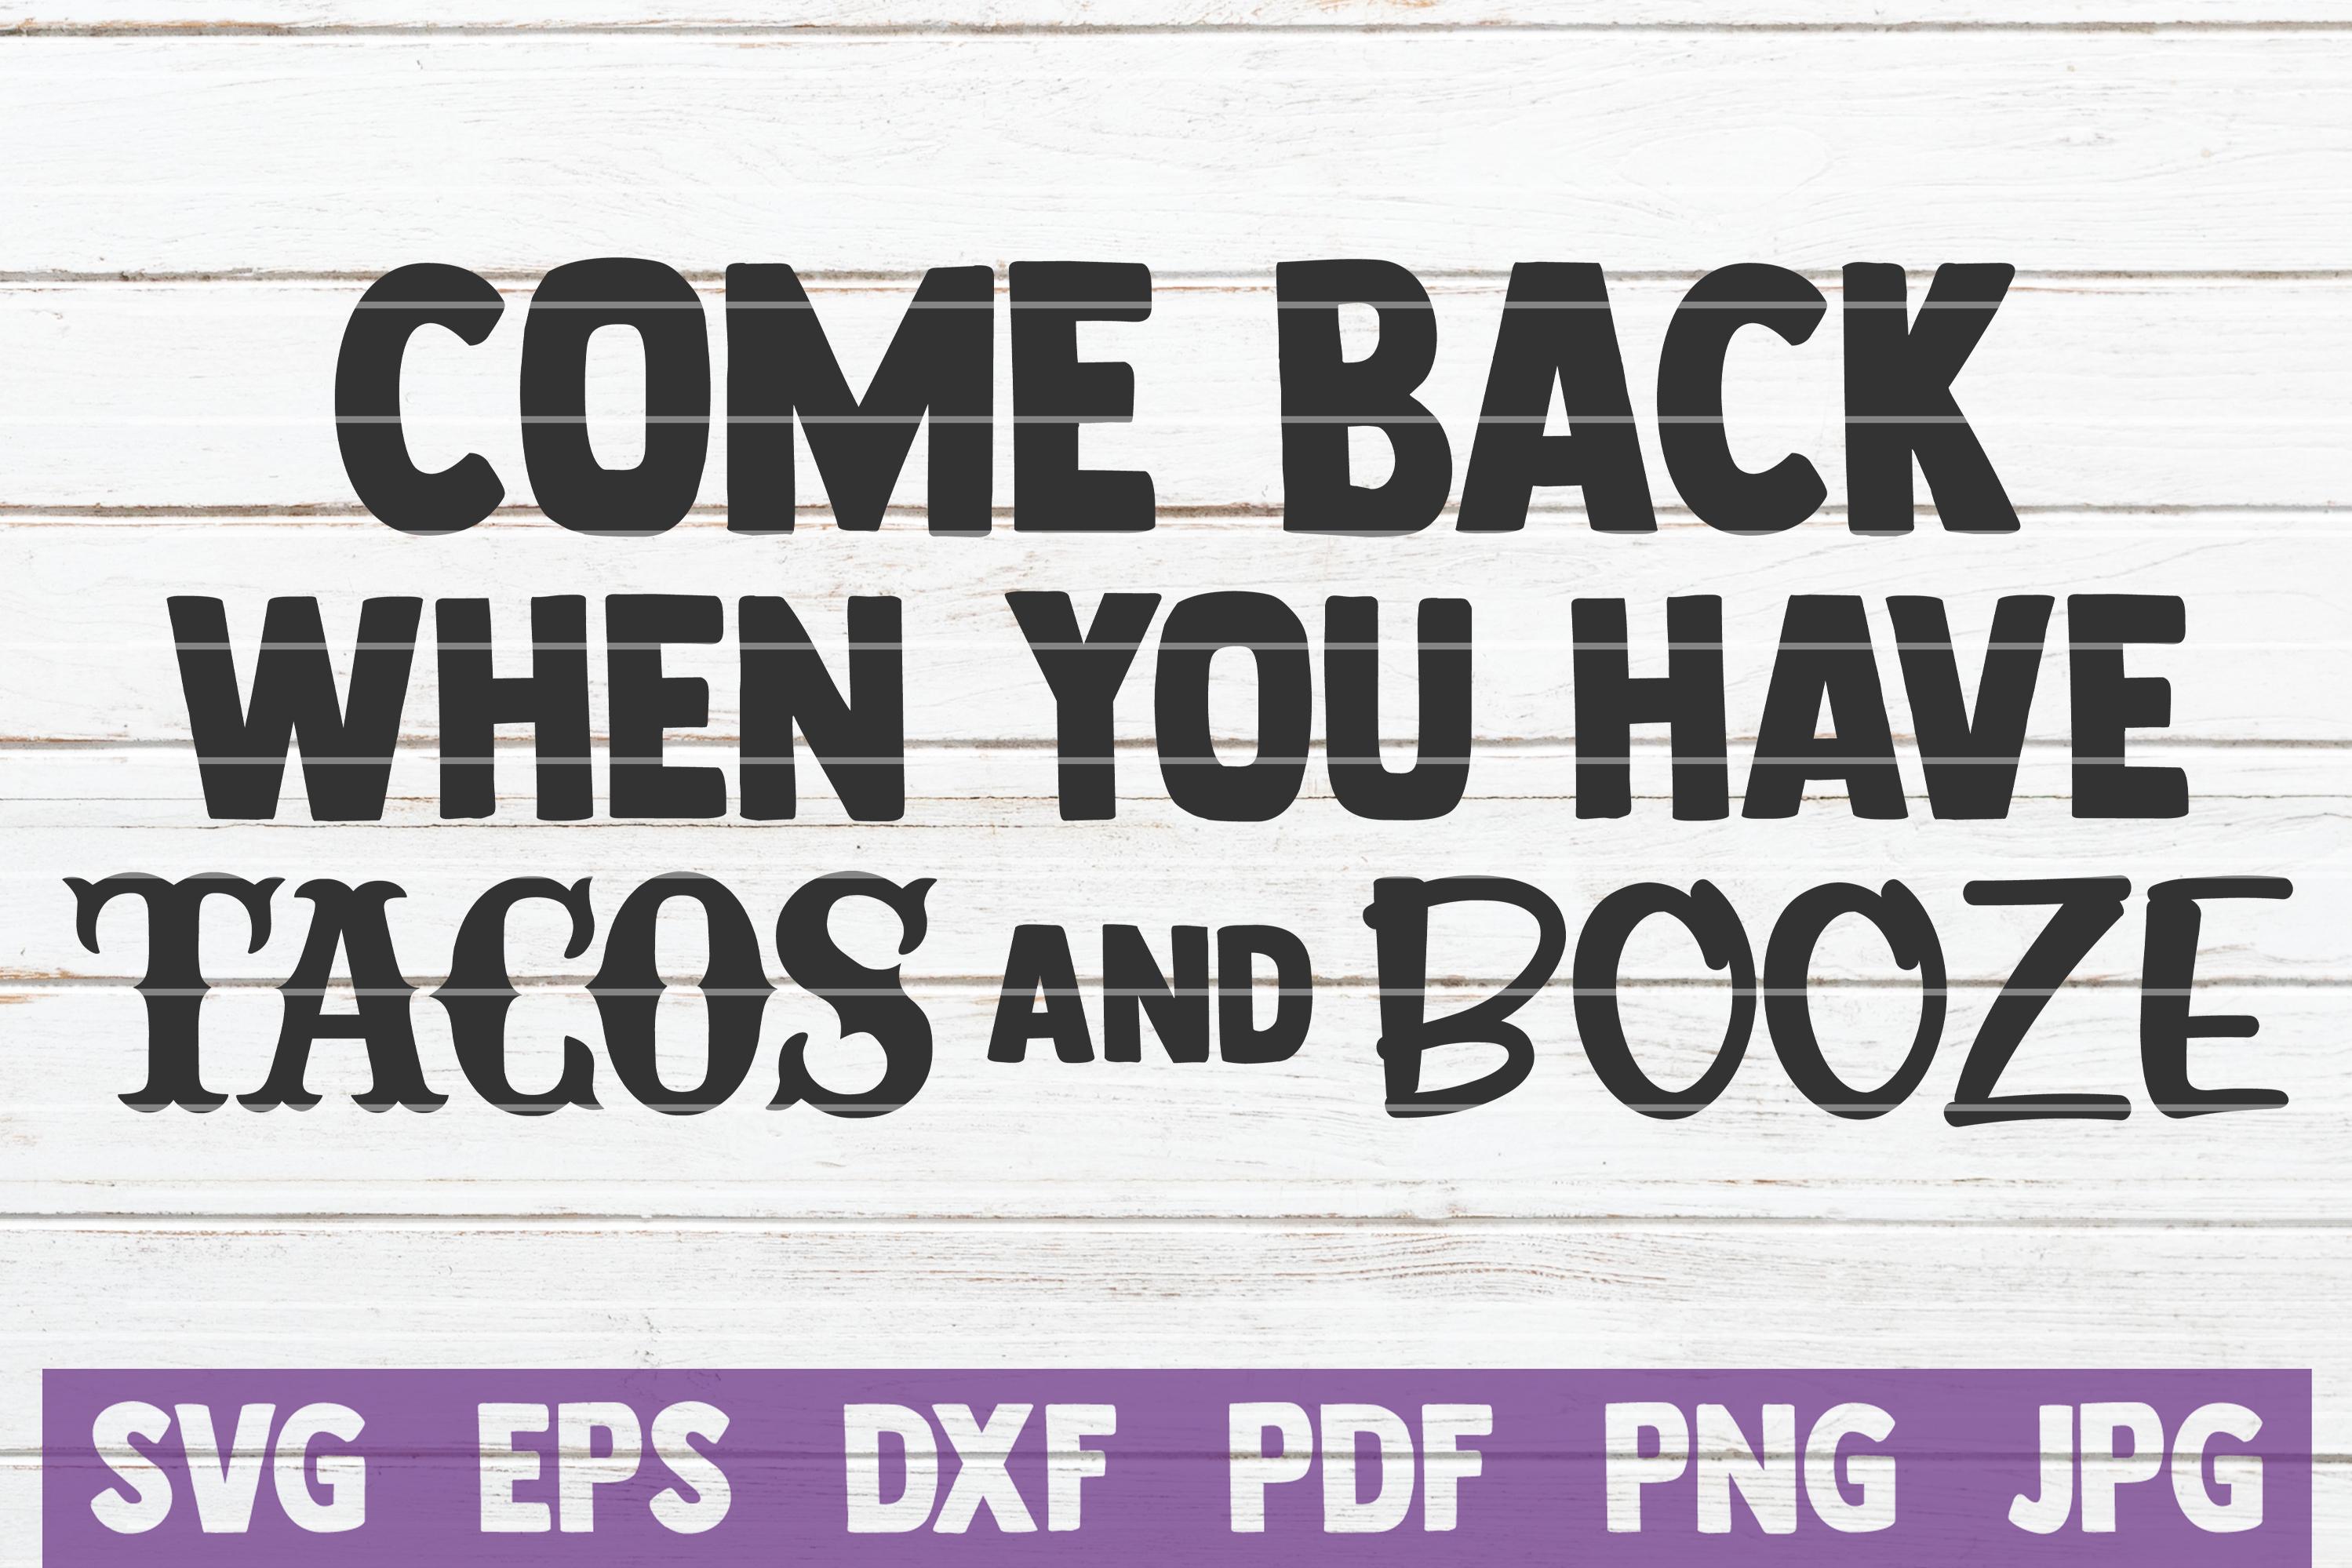 Doormat Vector Bundle | Funny SVG Cut Files example image 3